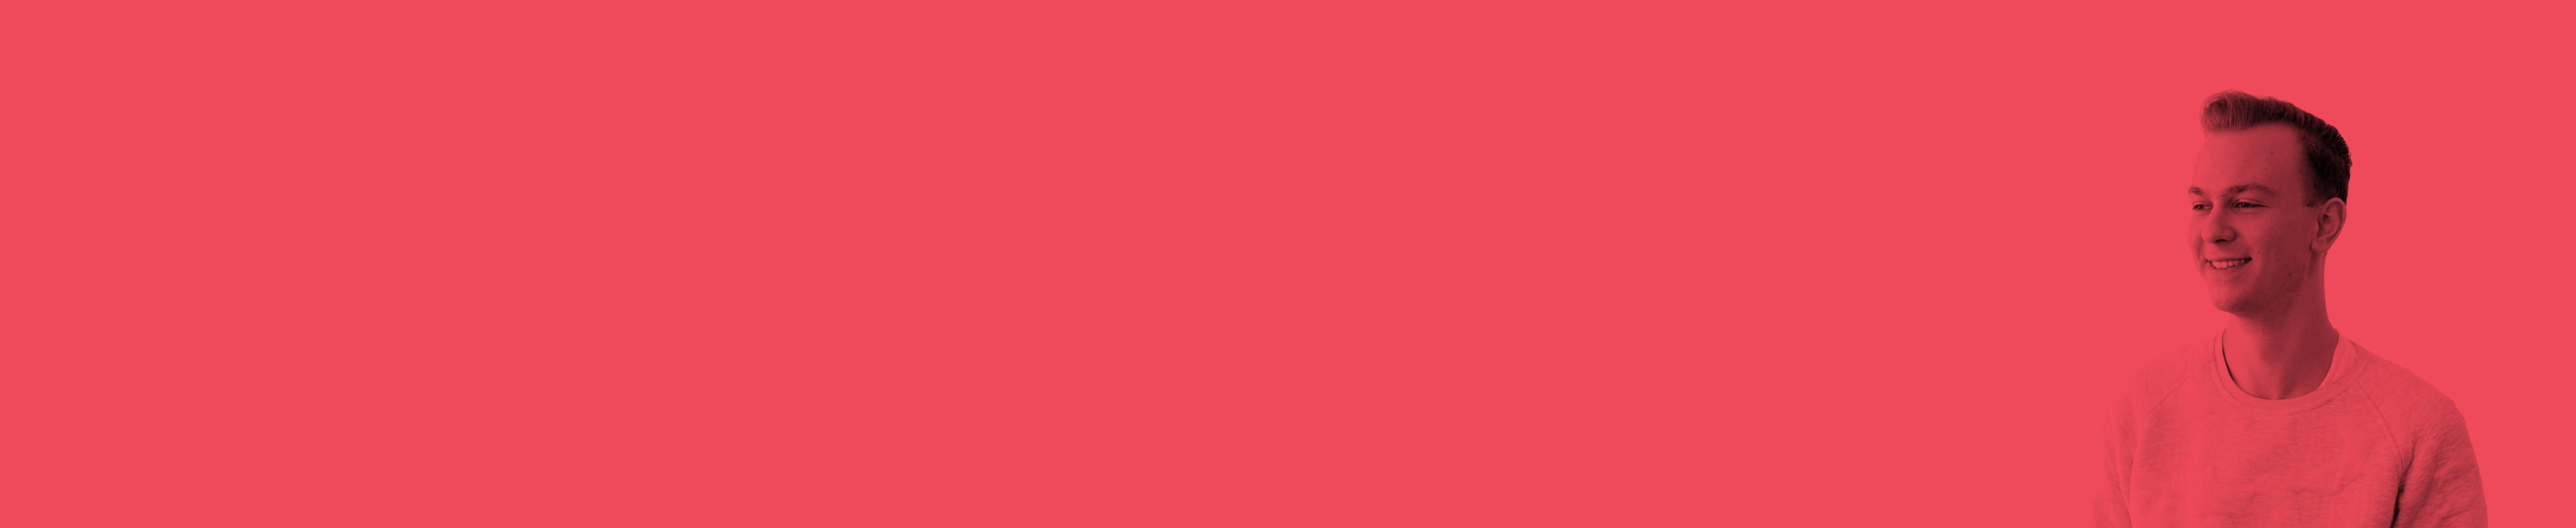 dlc-niklas-bohm-farbe-1